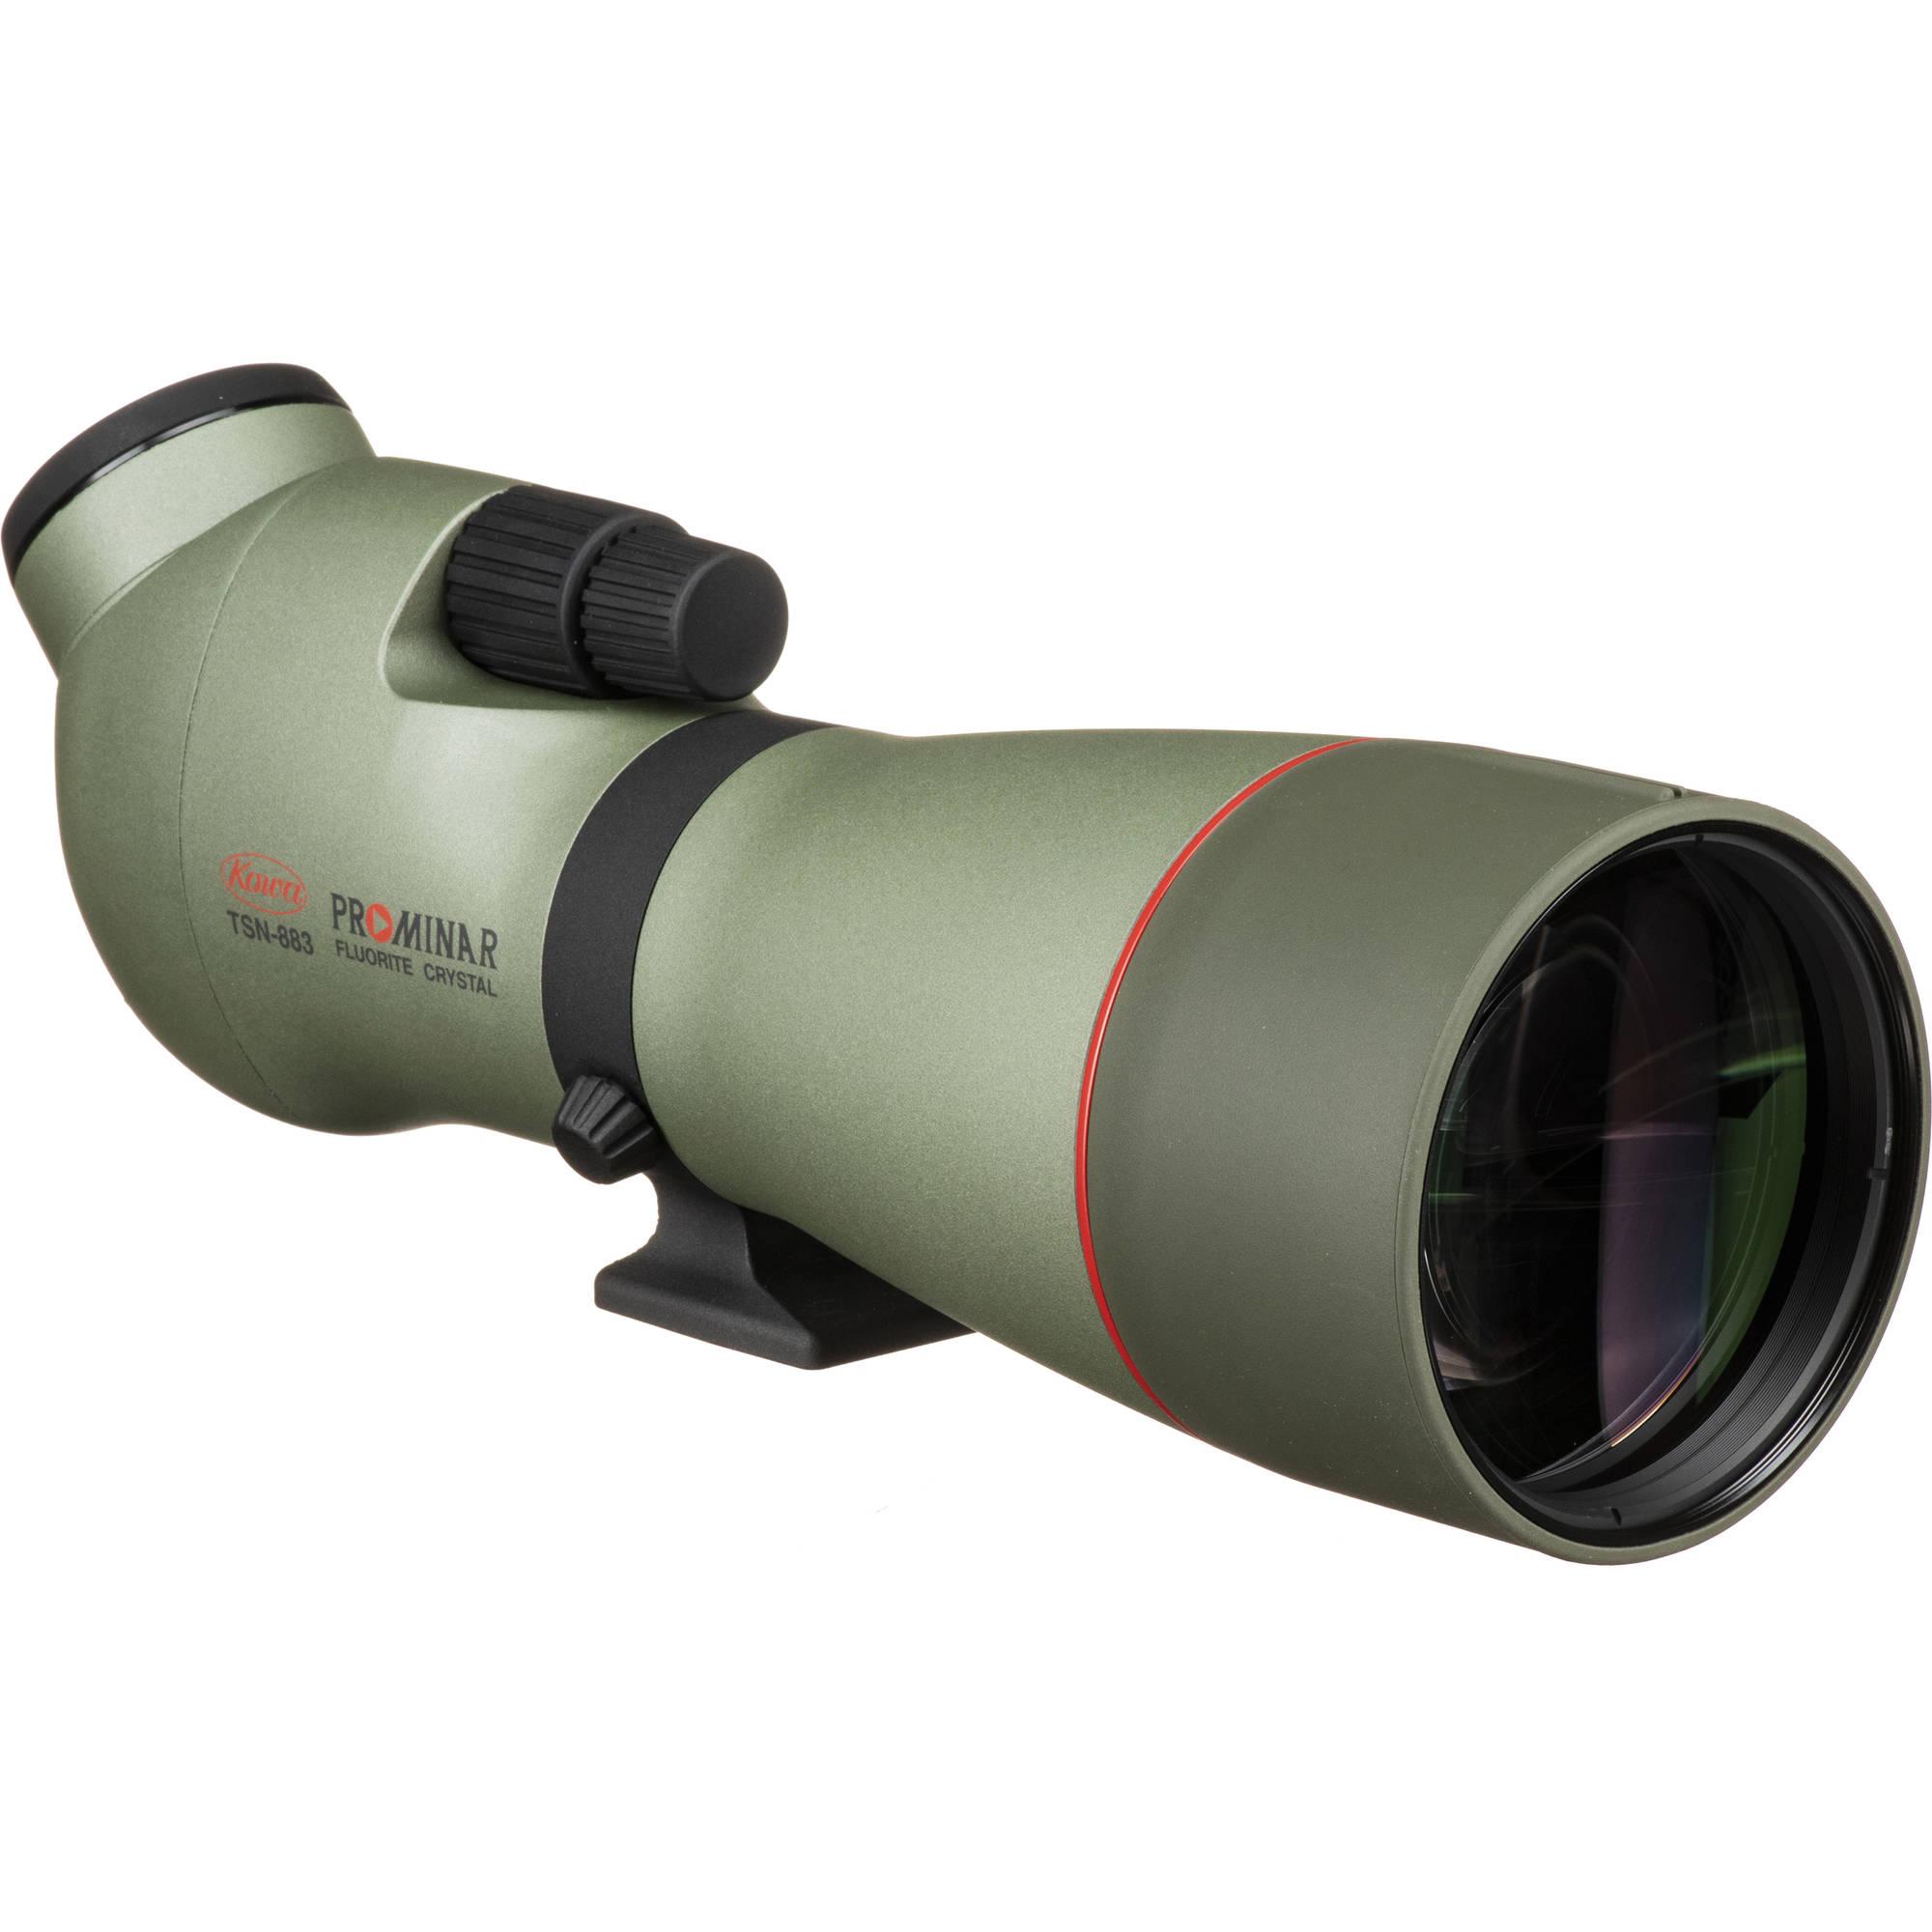 Cameras & Photo Dorr Digital Video Camera For Spotting Scopes